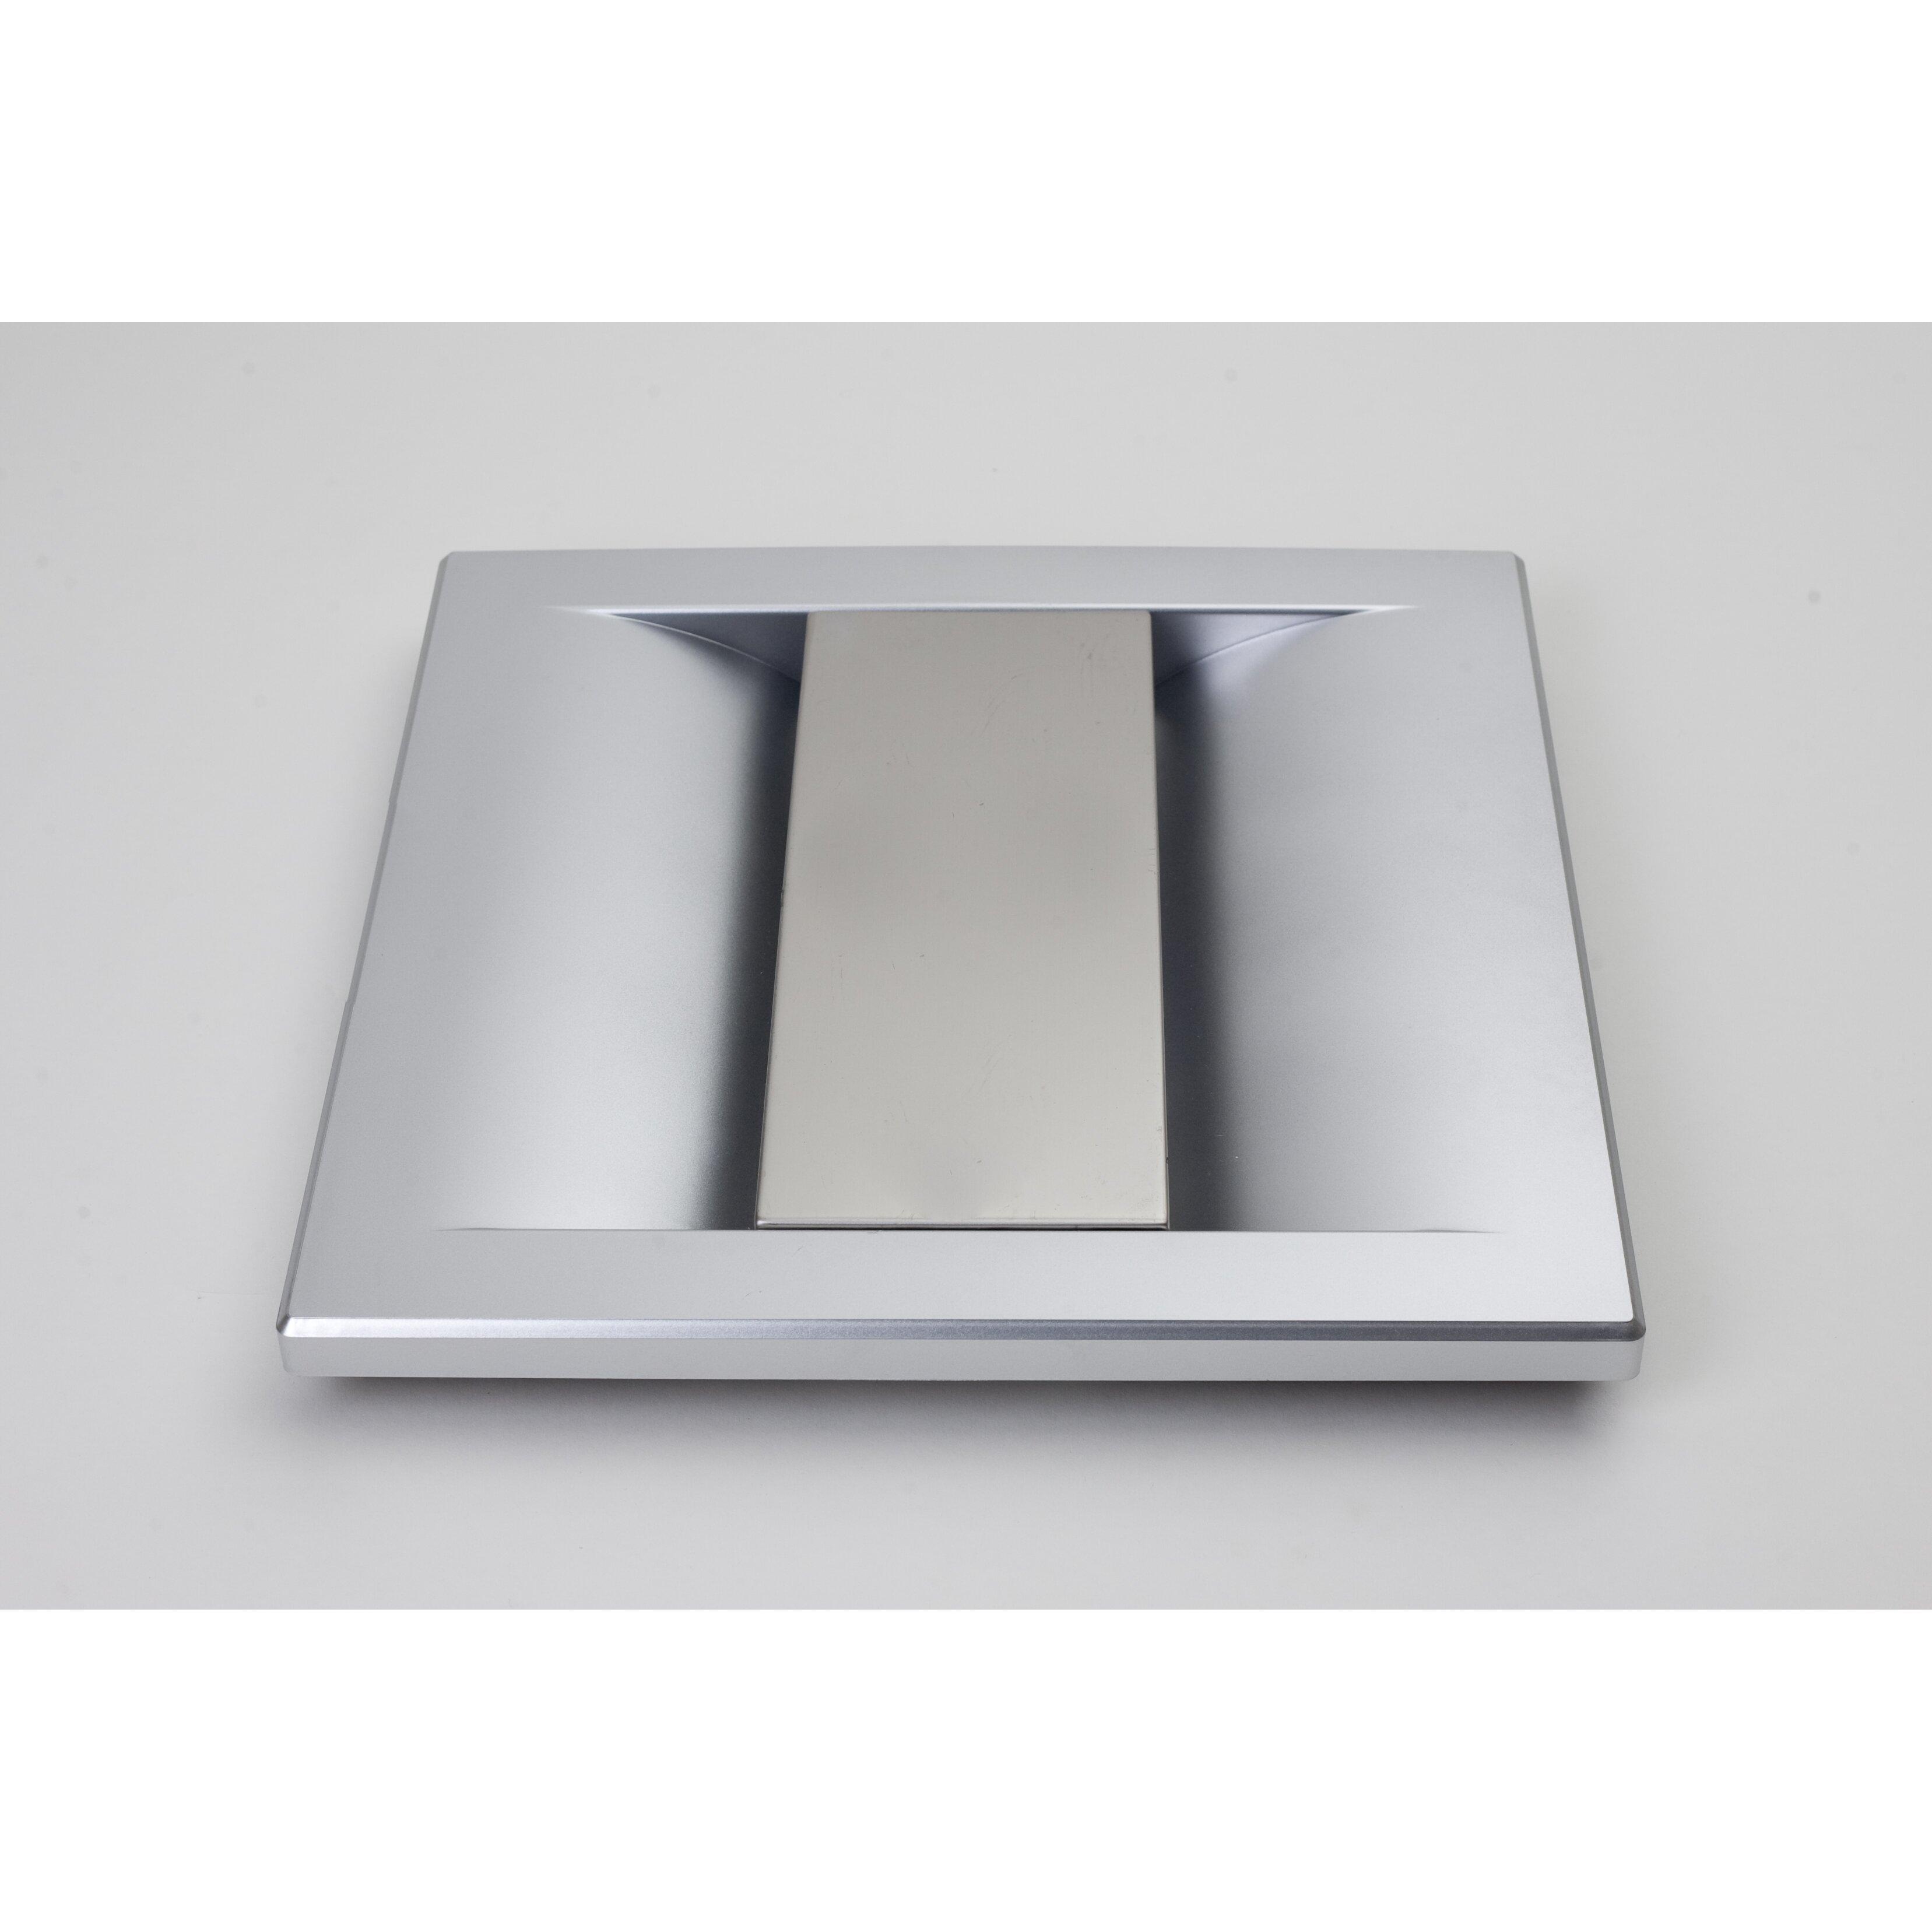 pure super quiet 110 cfm bathroom ventilation fan reviews wayfair